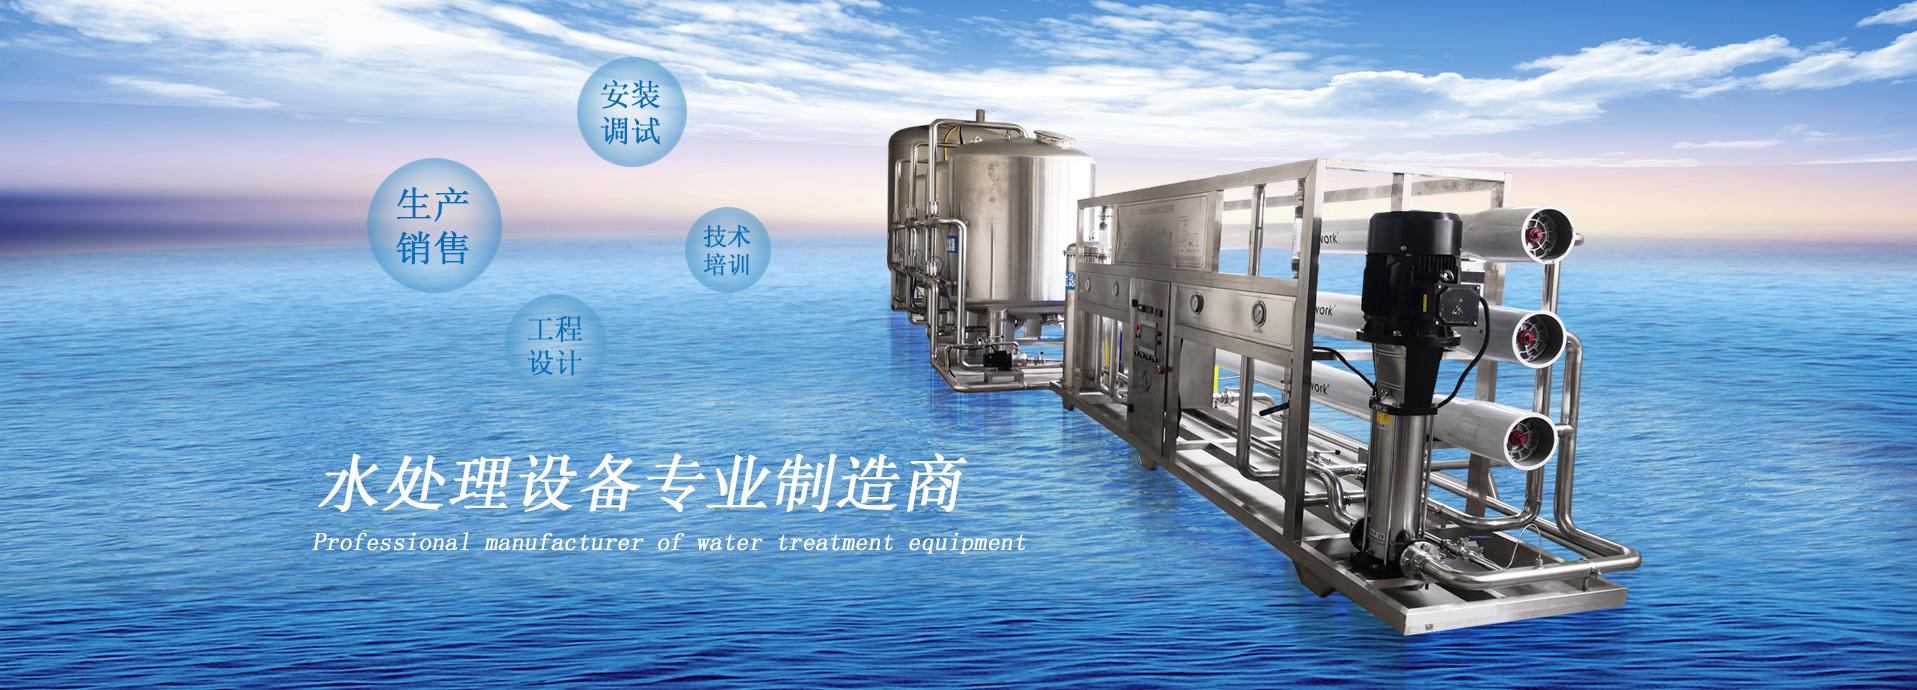 (重庆、四川、云南、贵州)山泉水设备厂家